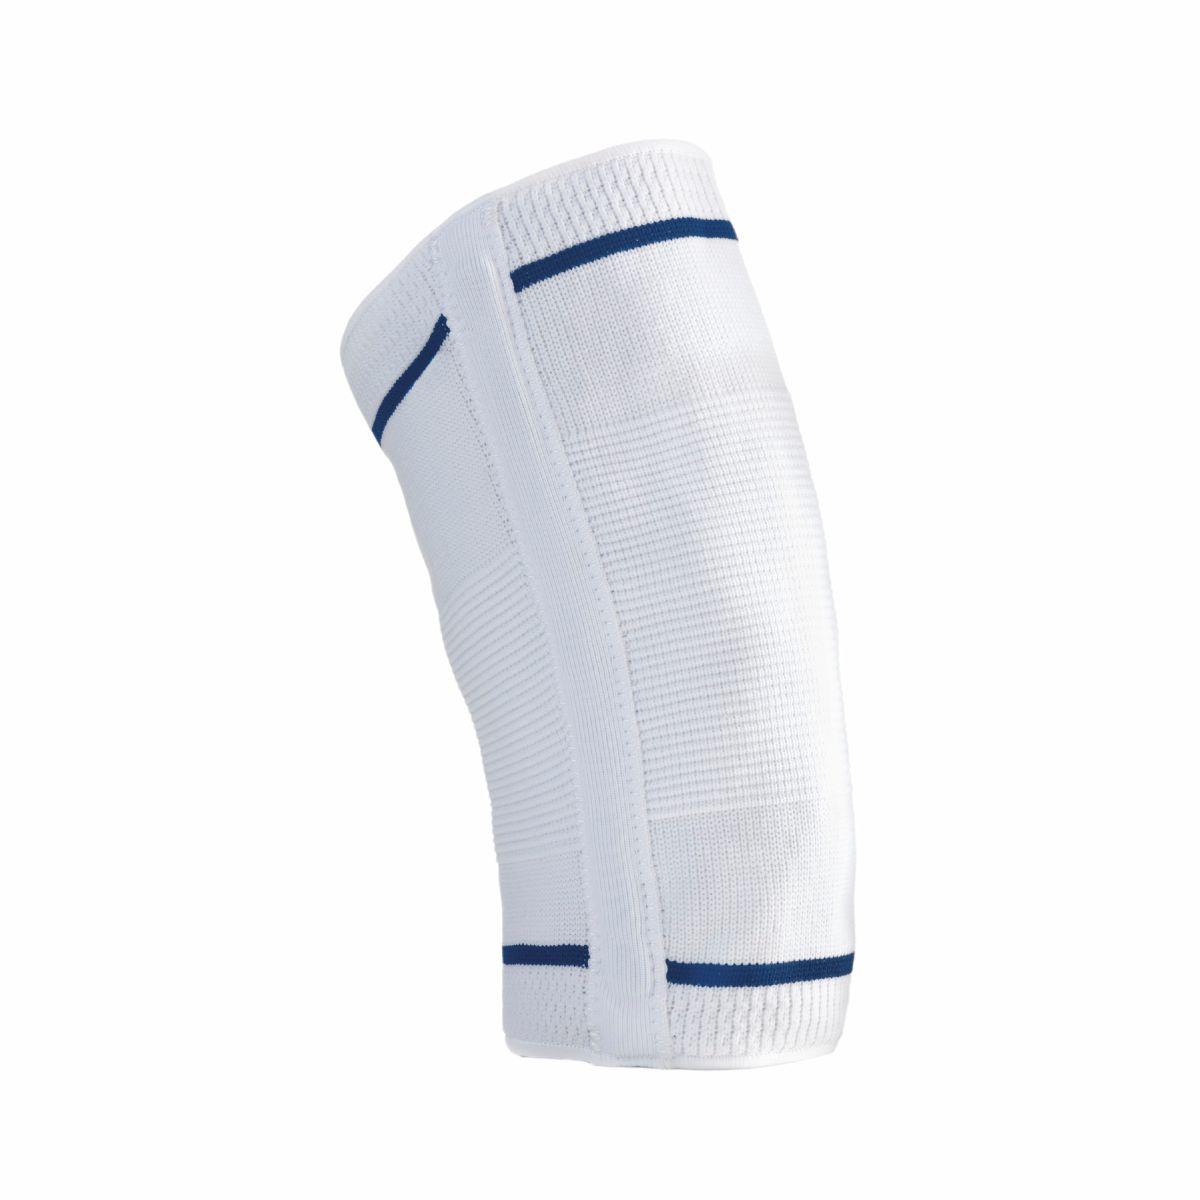 Bó gối thể thao và chấn thương chỉnh hình Actimove GenuFast